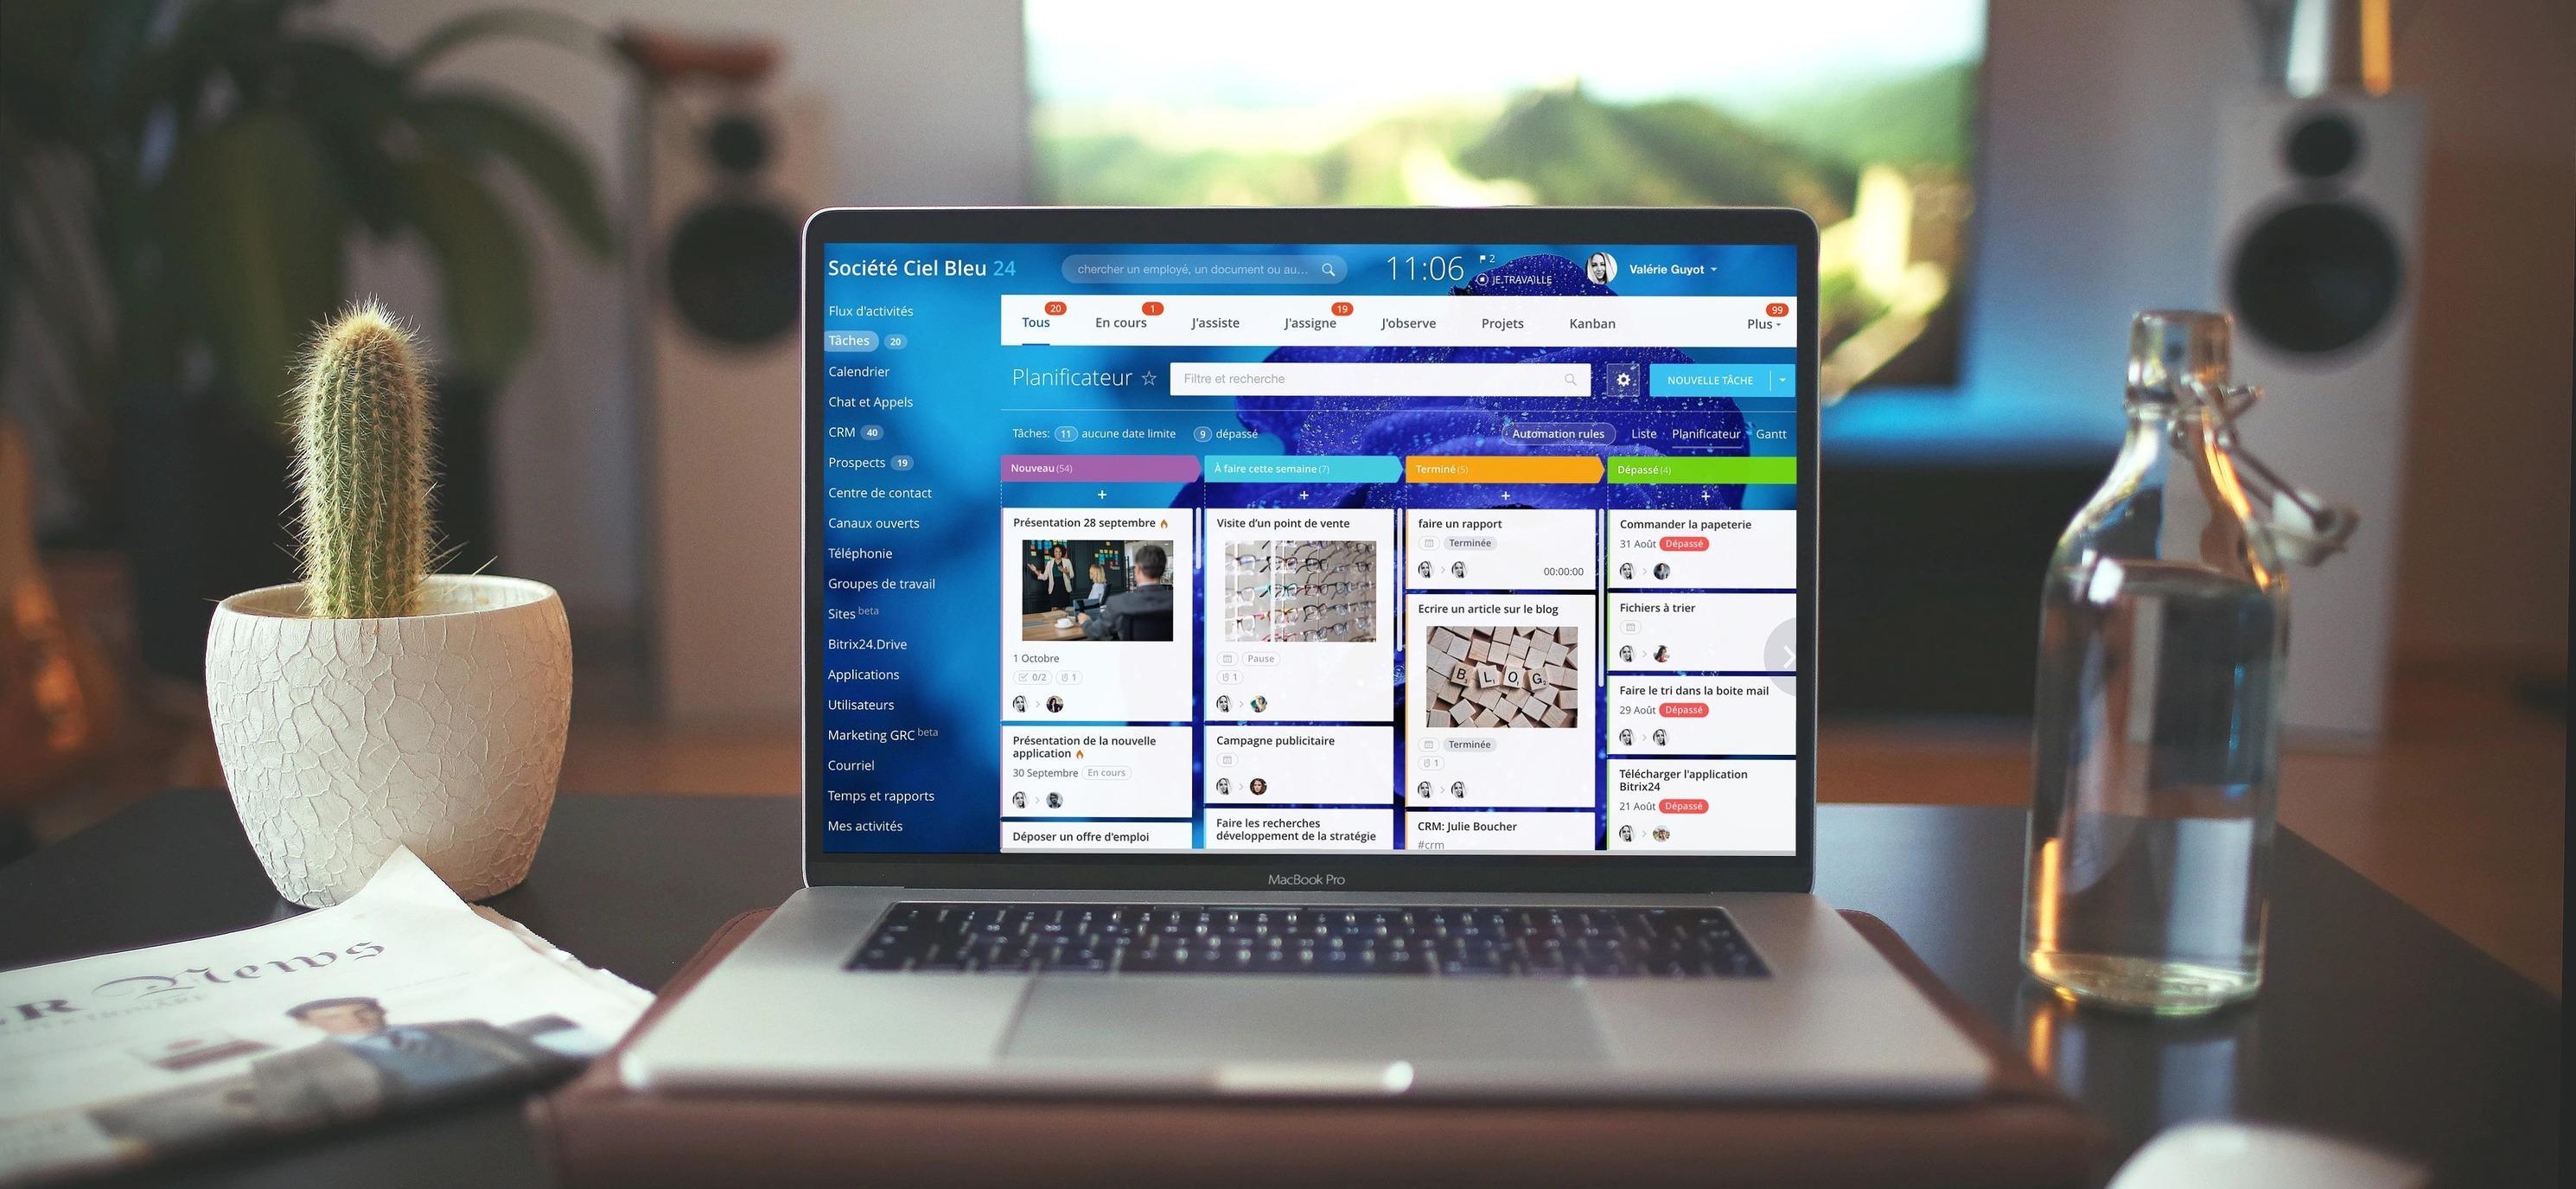 Avis Bitrix24 Gestion de projet : Plateforme gratuite pour votre gestion de projets - Appvizer